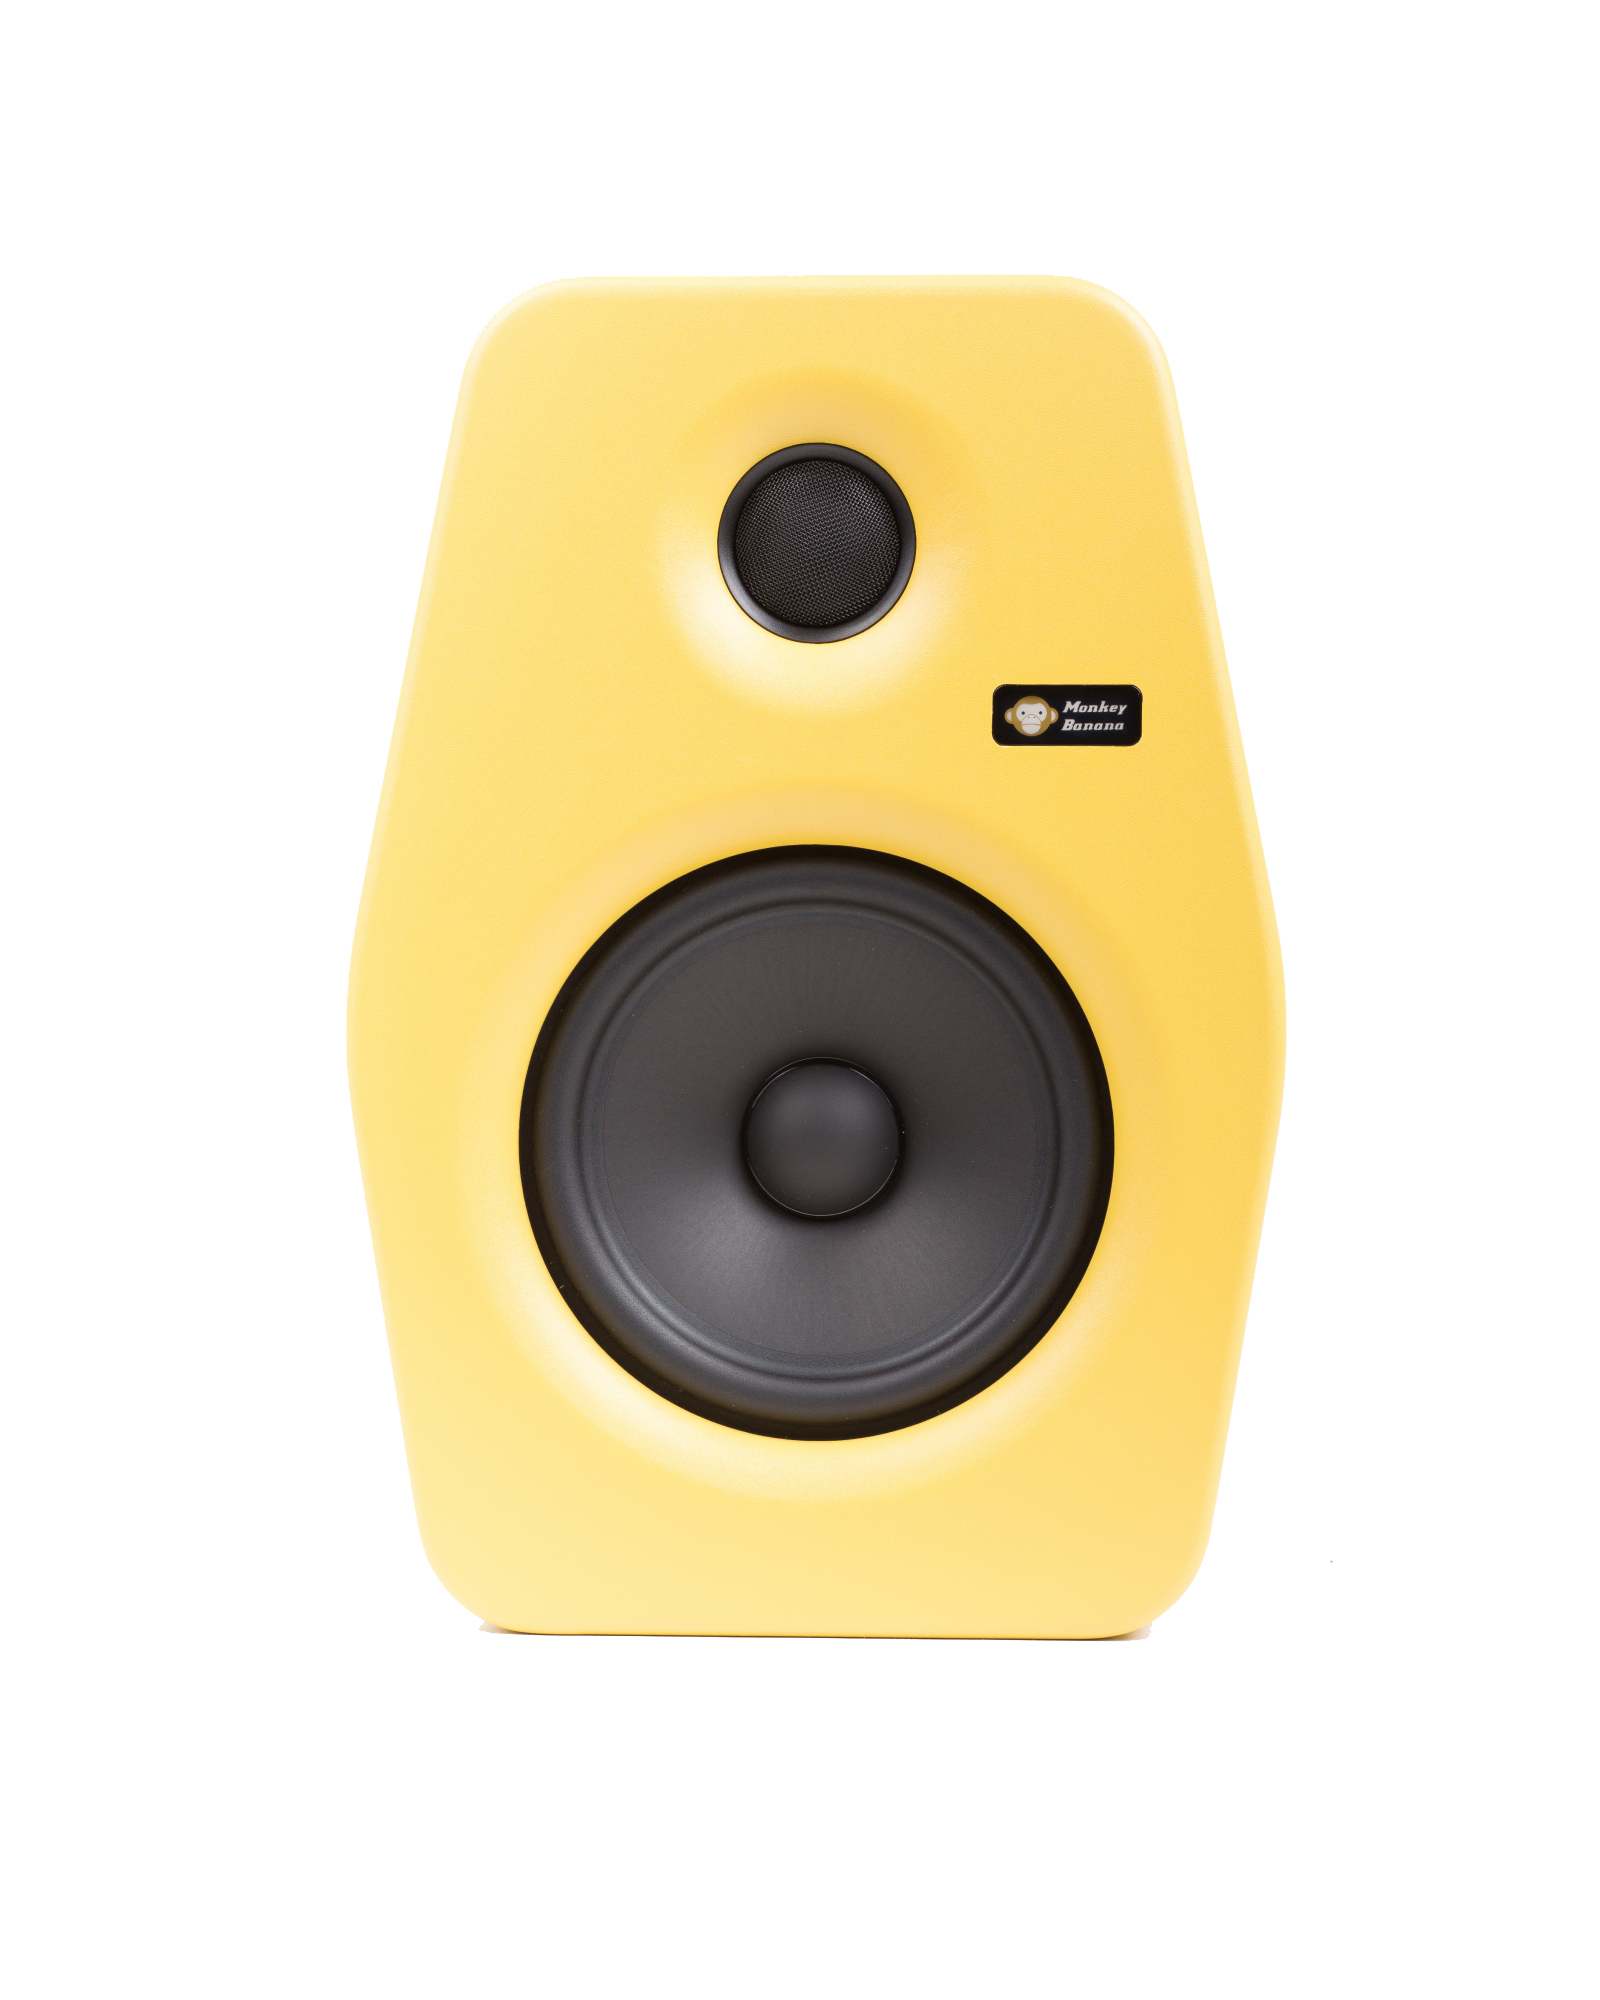 Billede af Monkey Banana Turbo 6 studie højttaler, gul